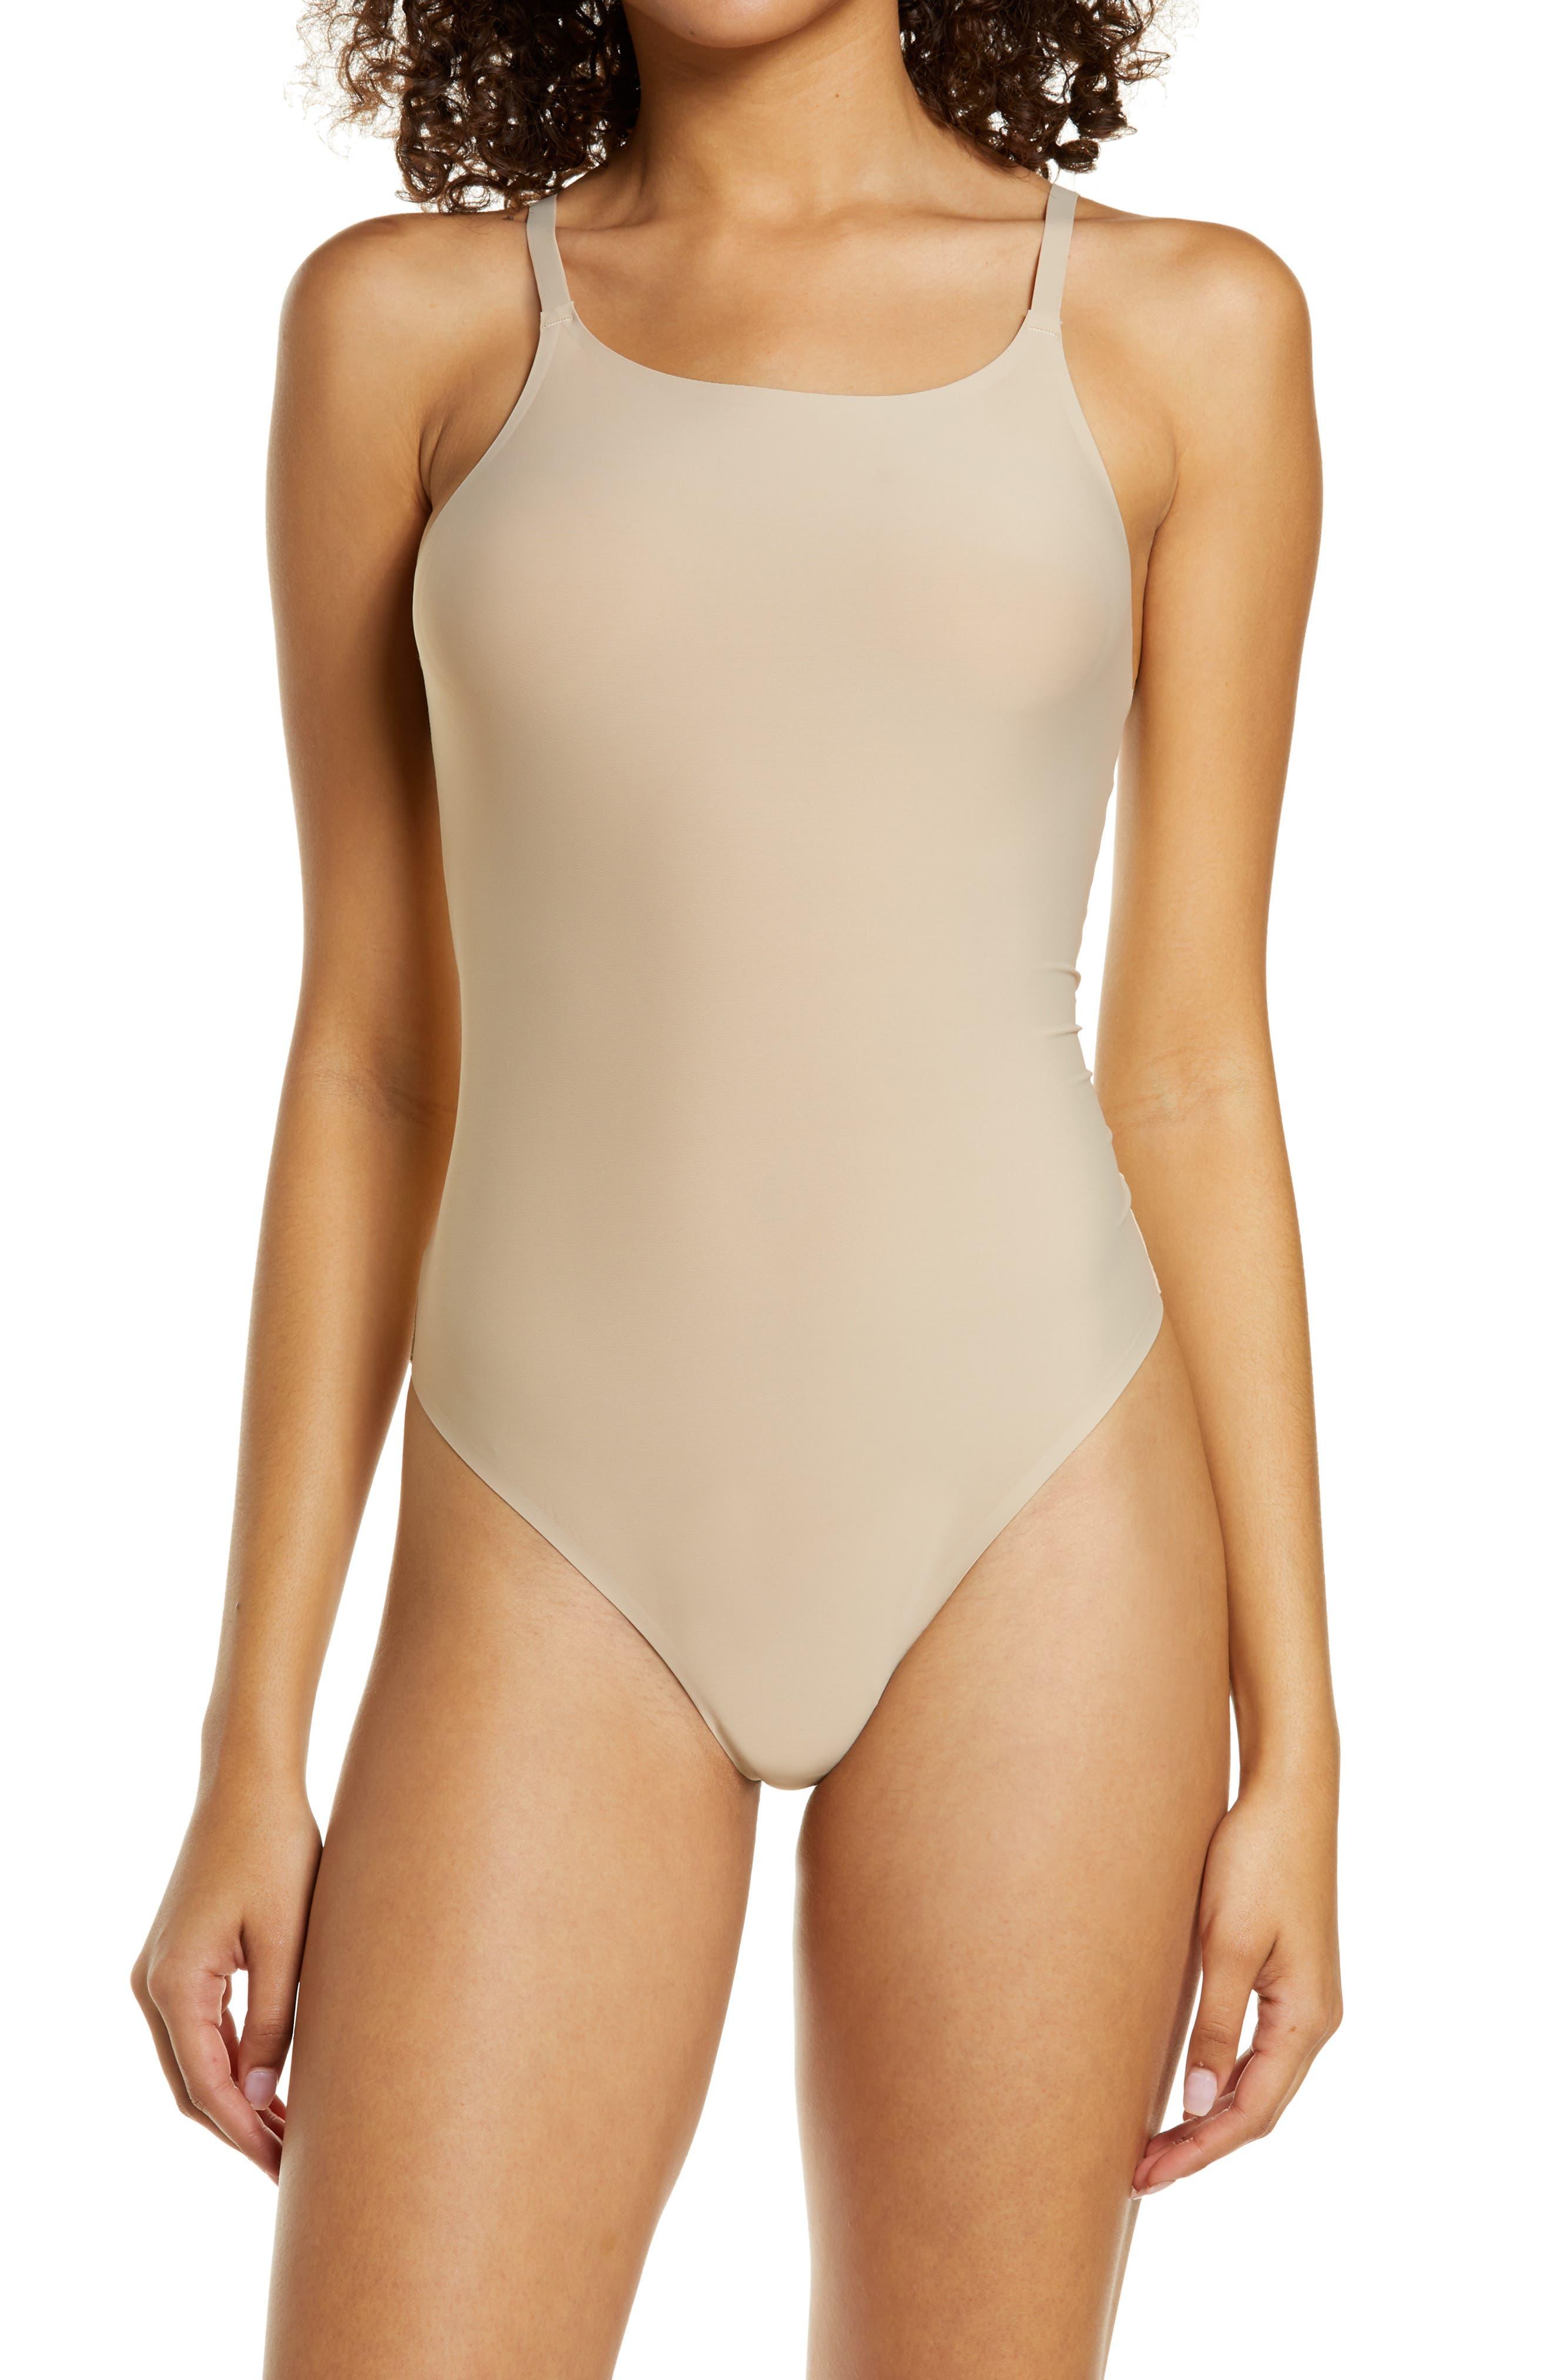 Skinz Thong Bodysuit